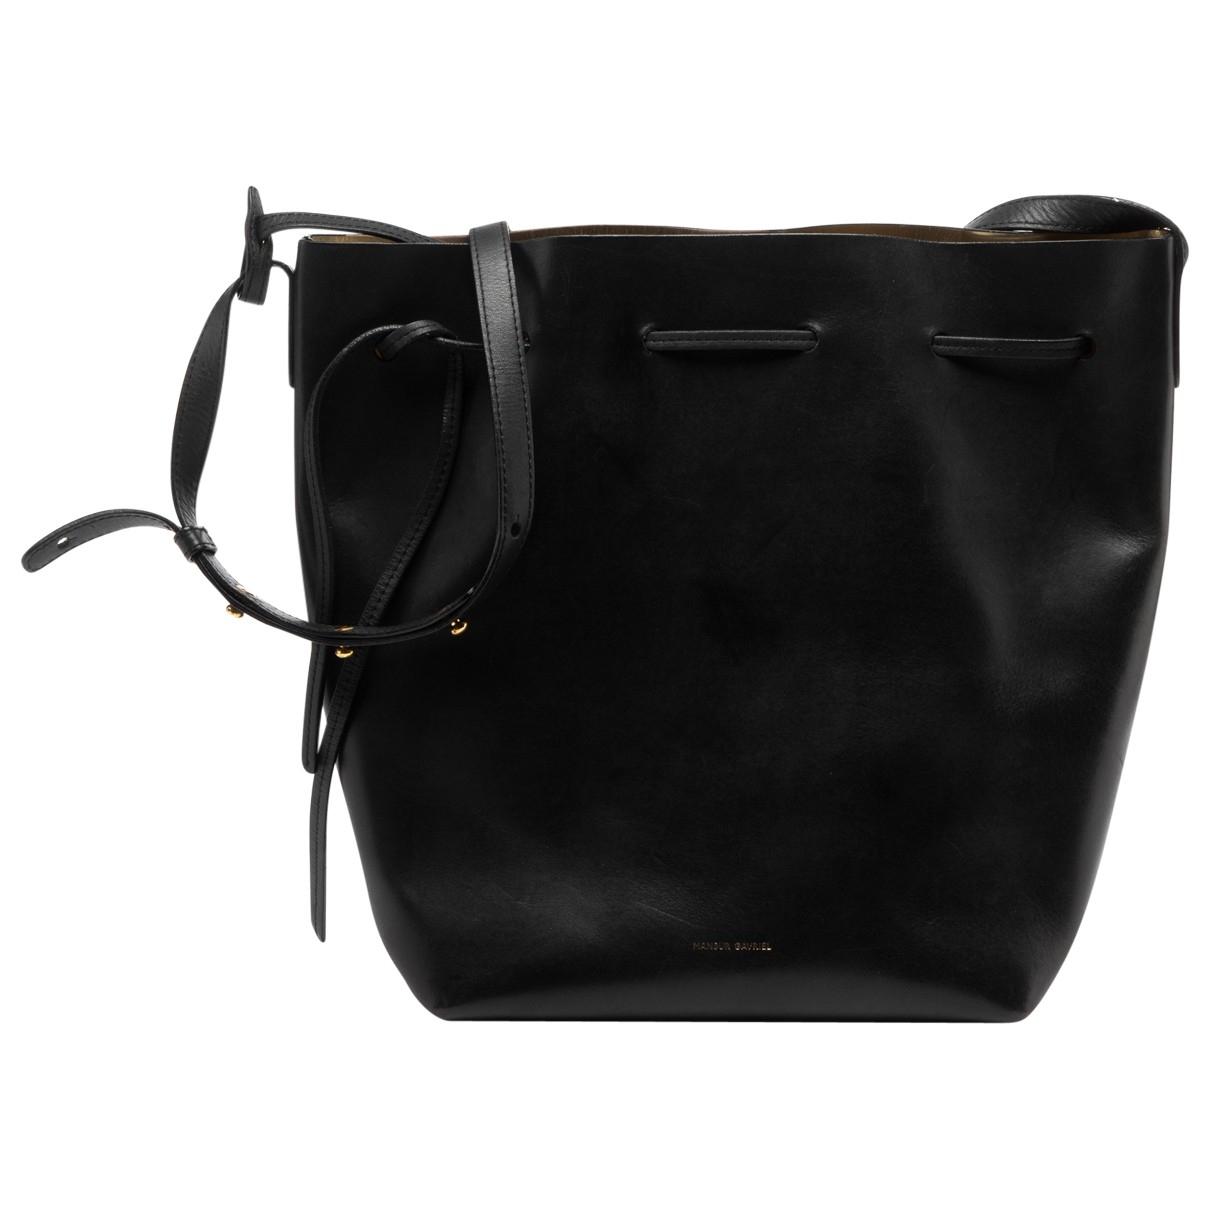 Mansur Gavriel Bucket Handtasche in  Schwarz Leder